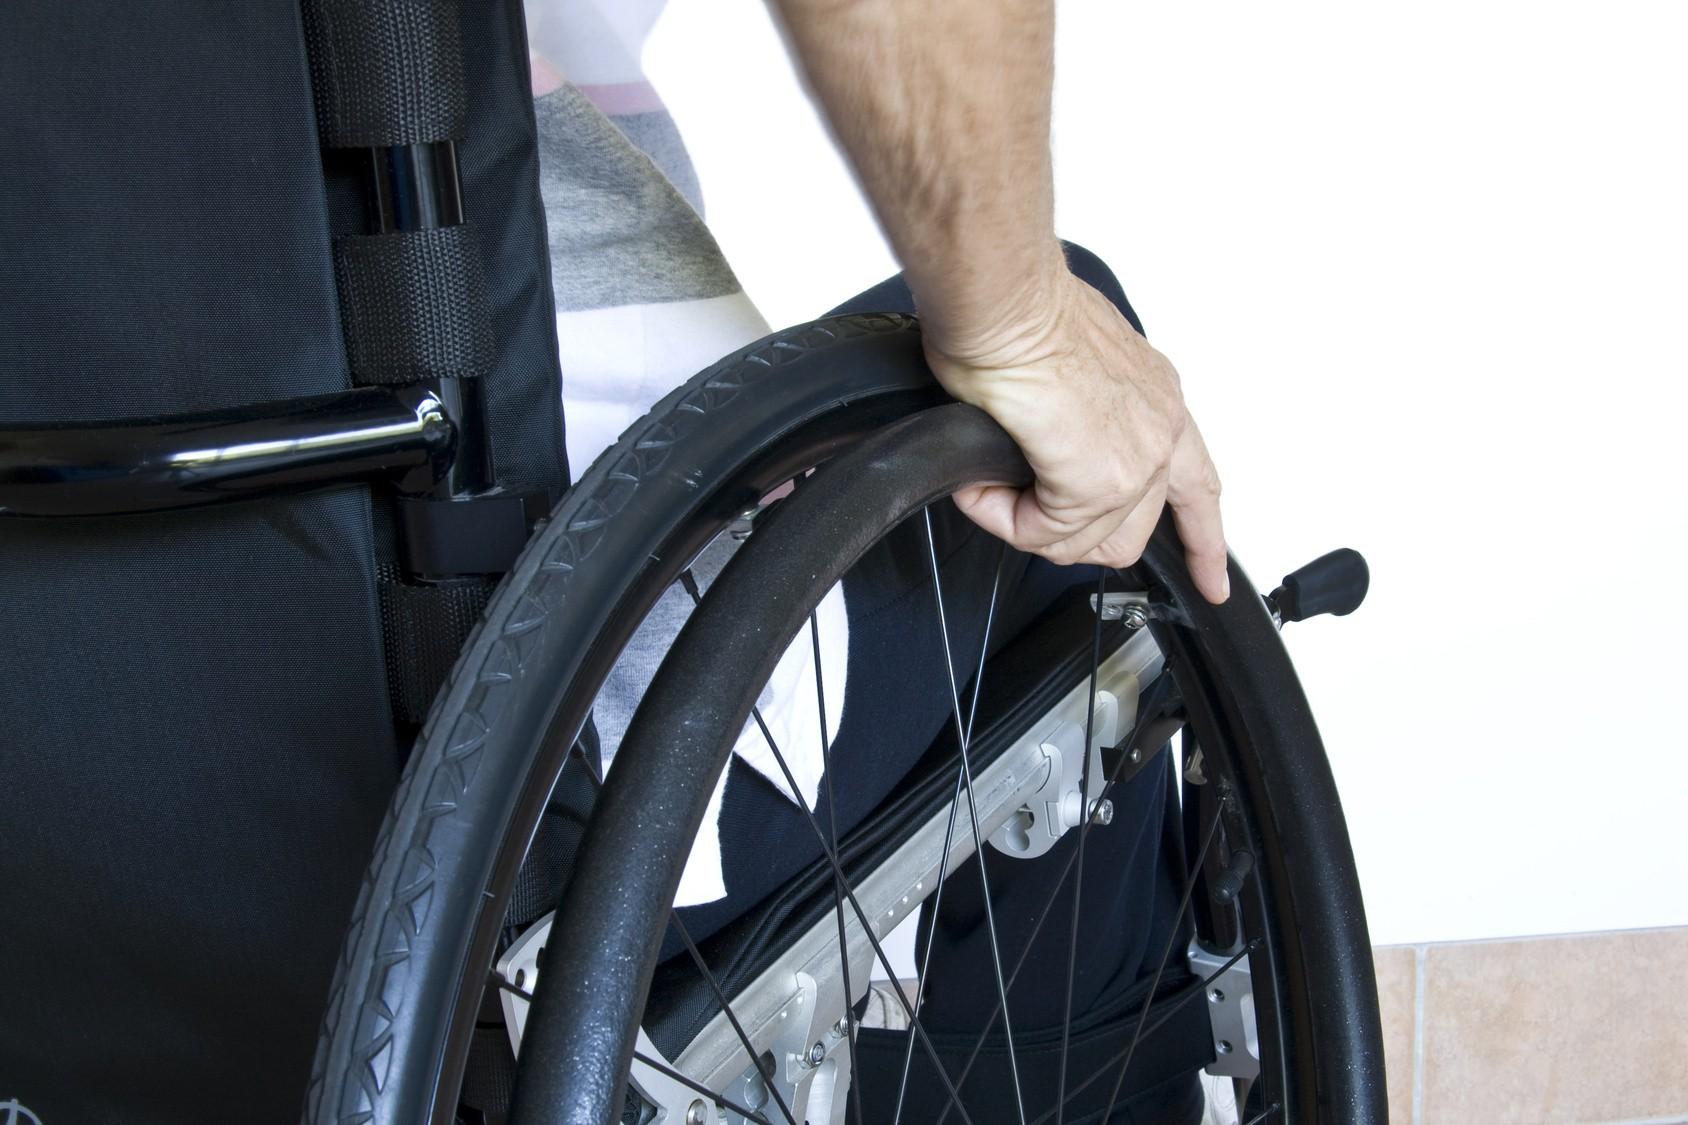 Castellón – Pedimos la exención del impuesto de circulación para una persona con discapacidad